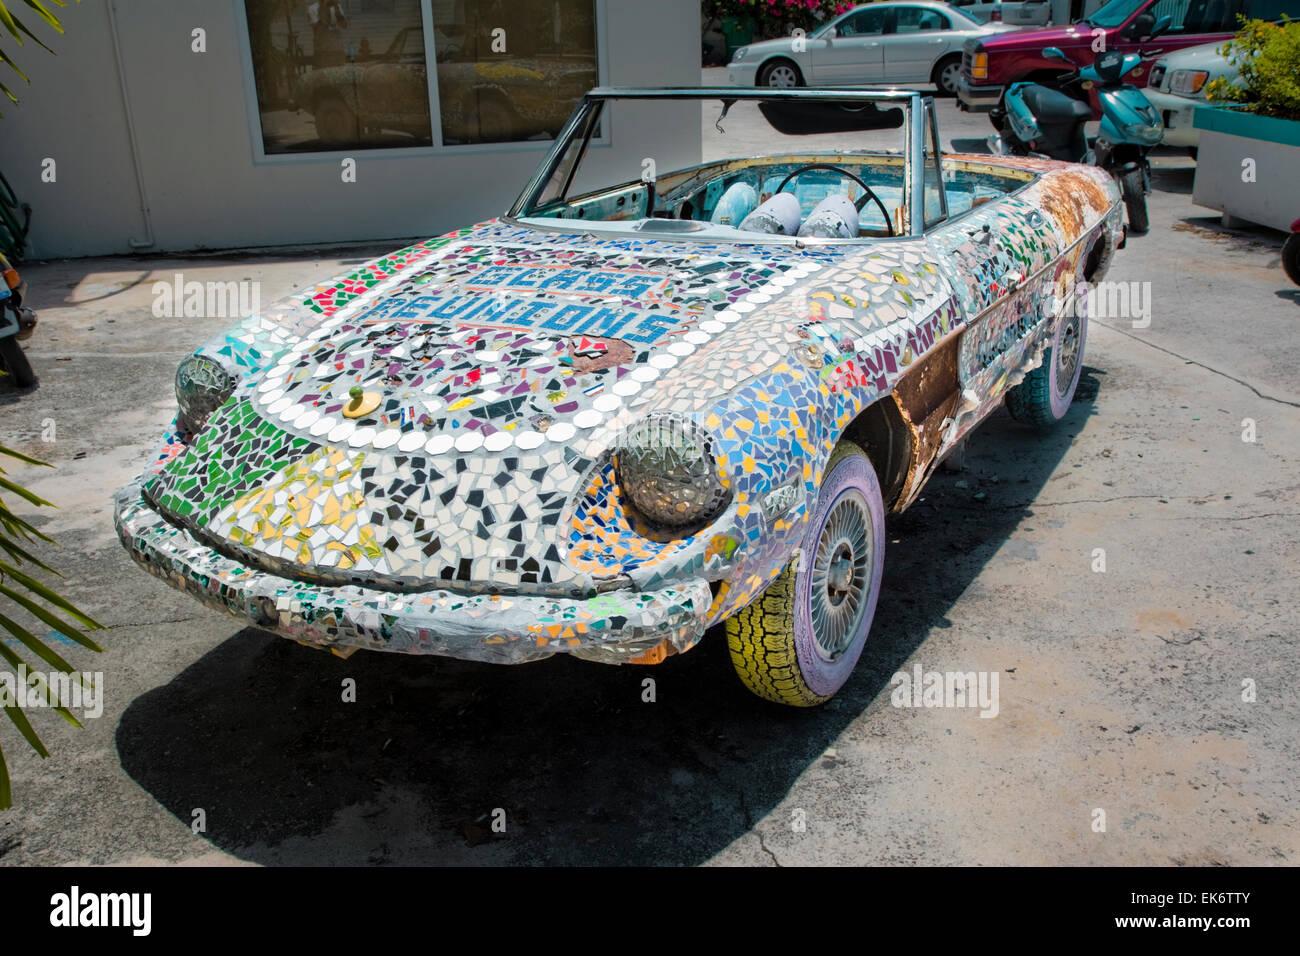 Ein Auto Verziert Mit Bunten MosaikFliesen Außen Glas - Mosaik fliesen draußen